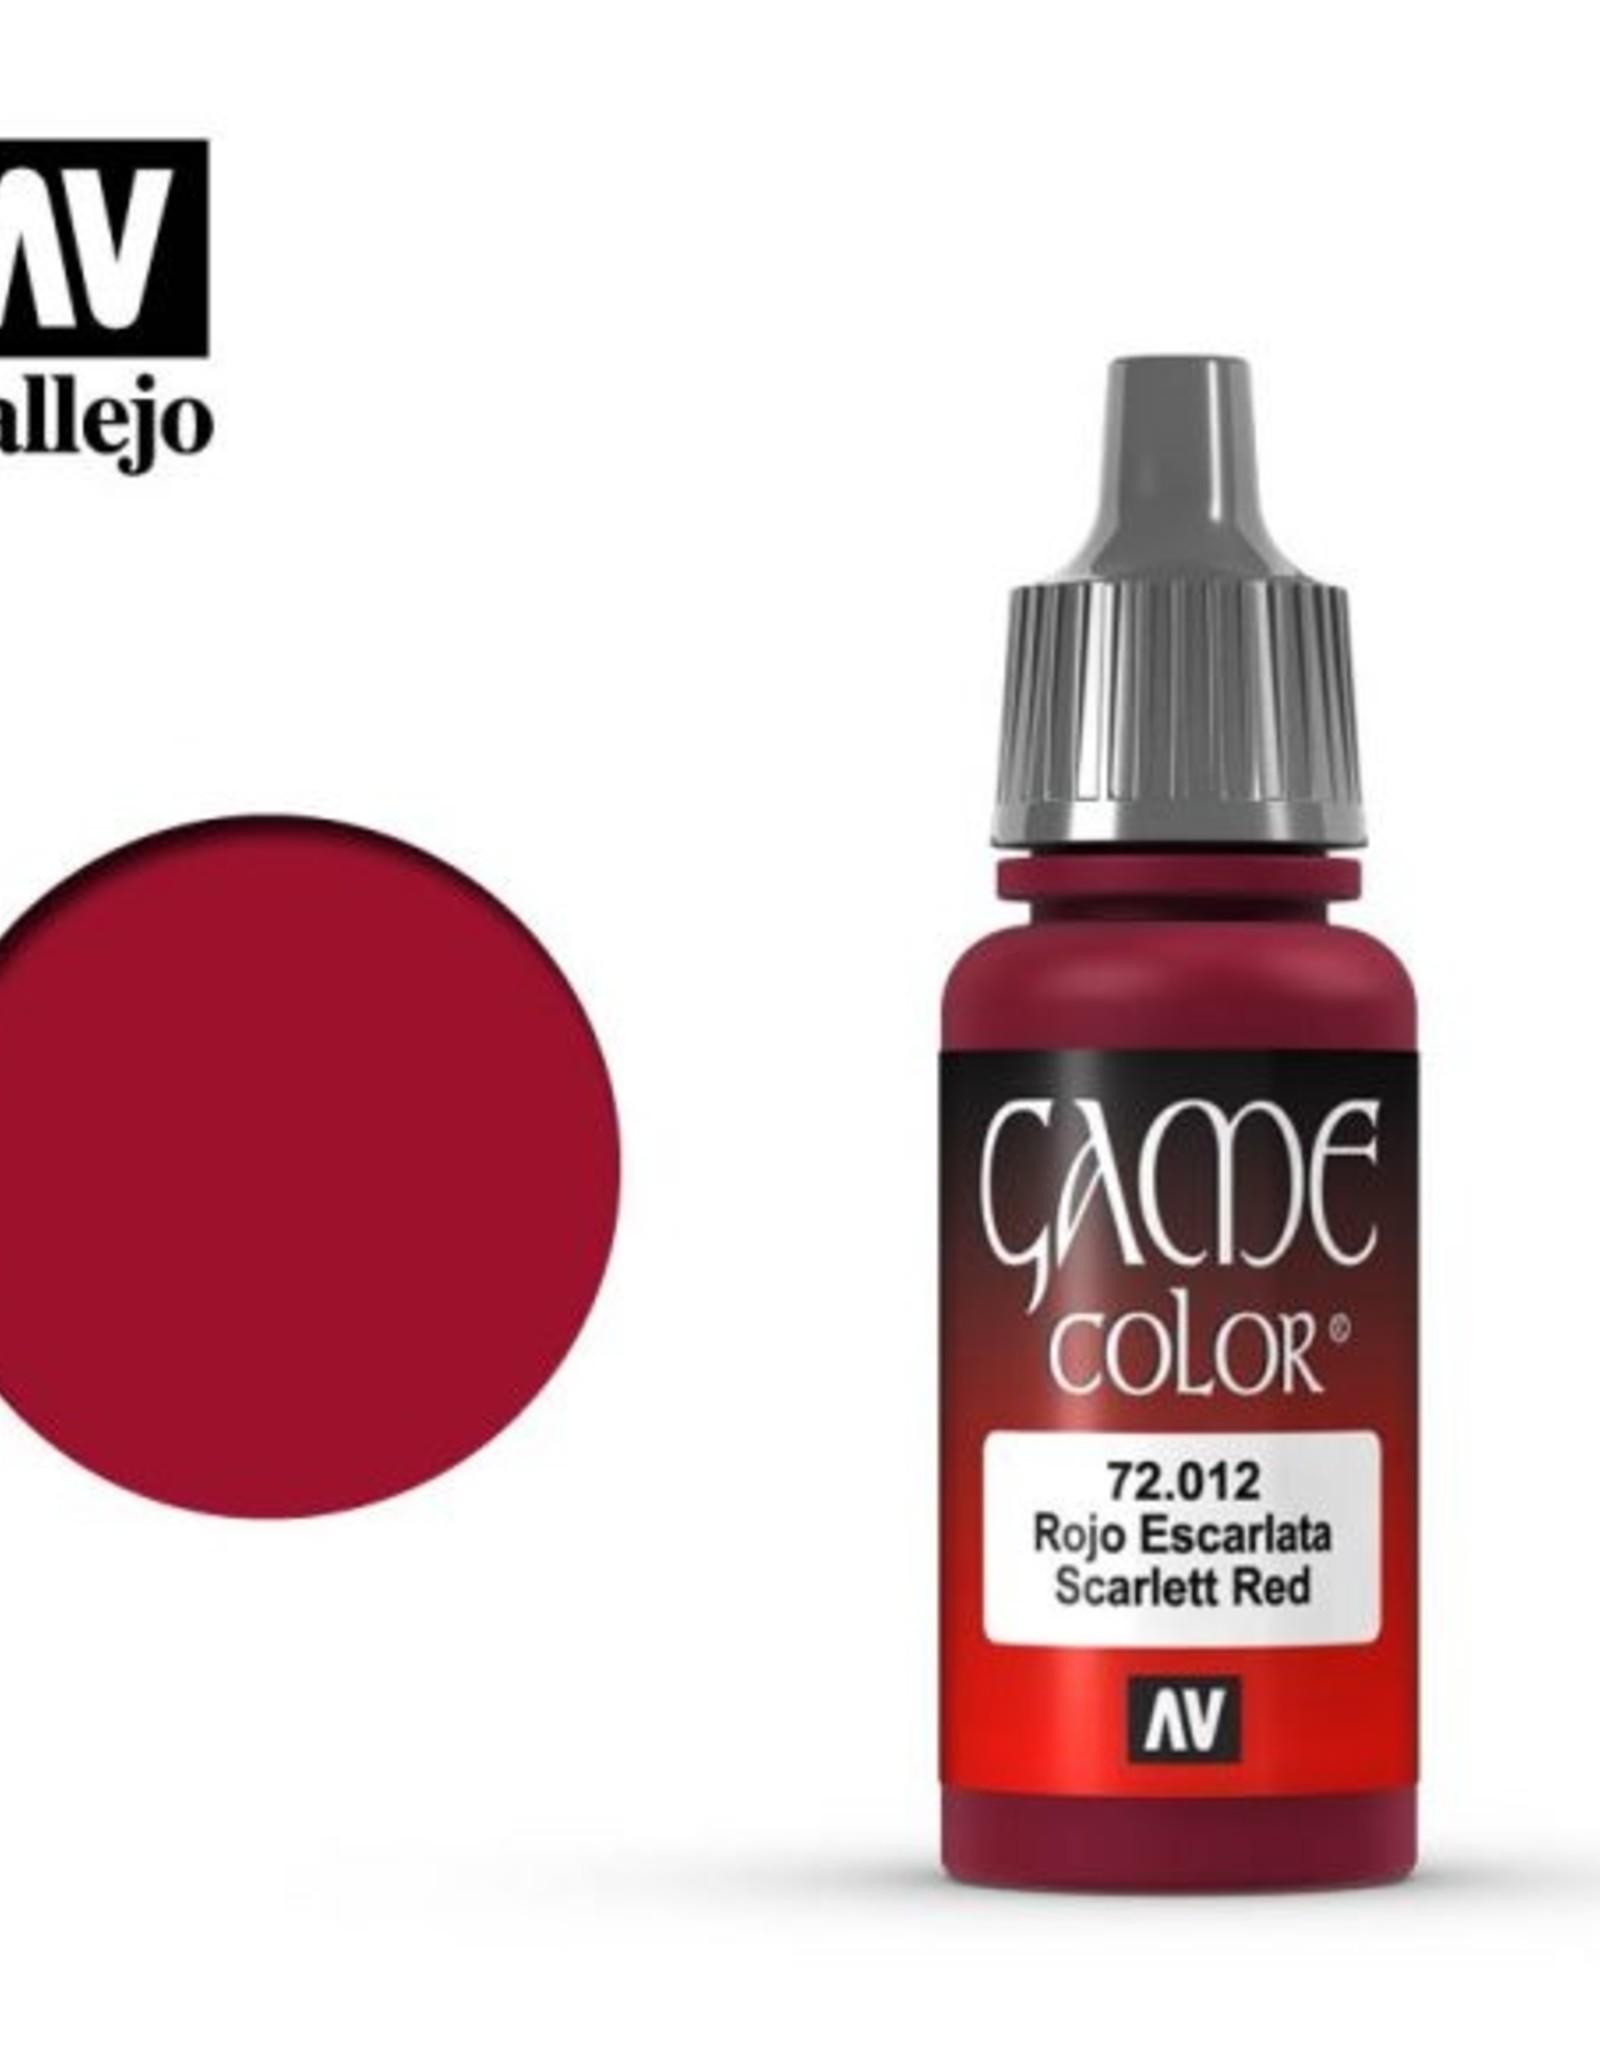 Vallejo 72.012 Scarlet Red